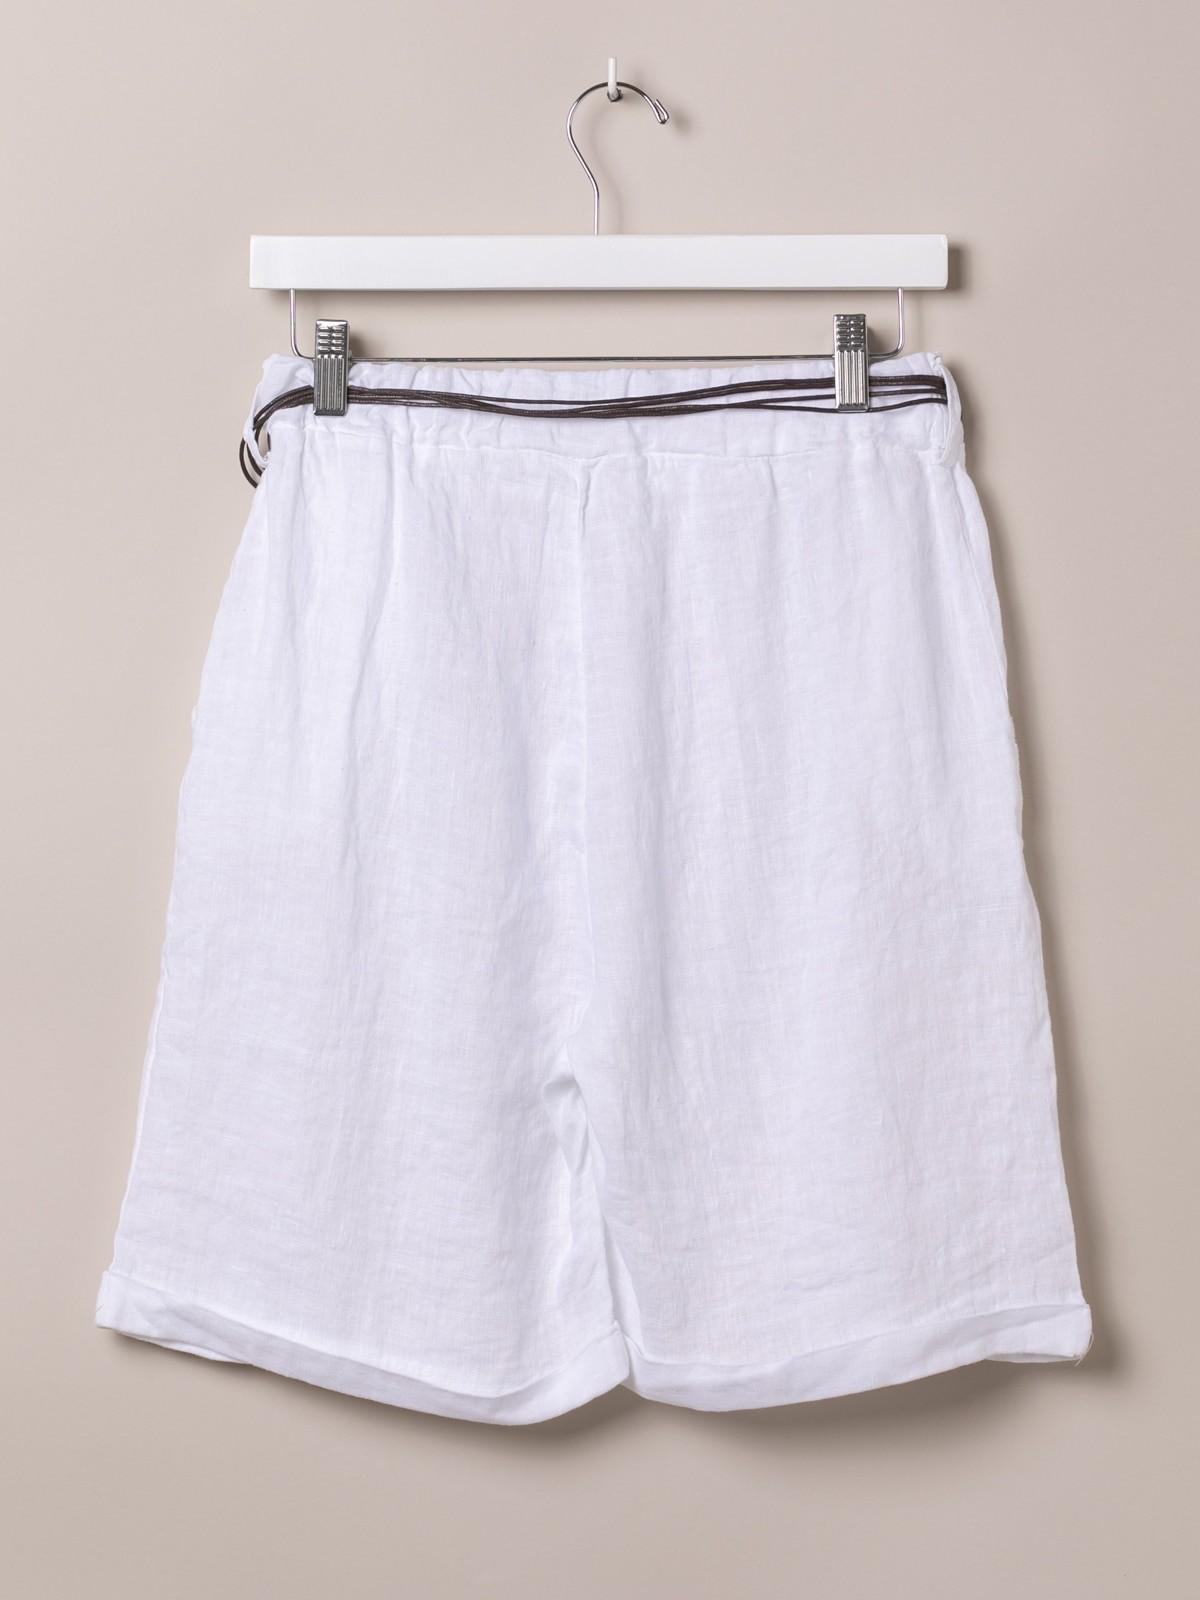 Bermuda oversize mujer de lino con cinturón Blanco